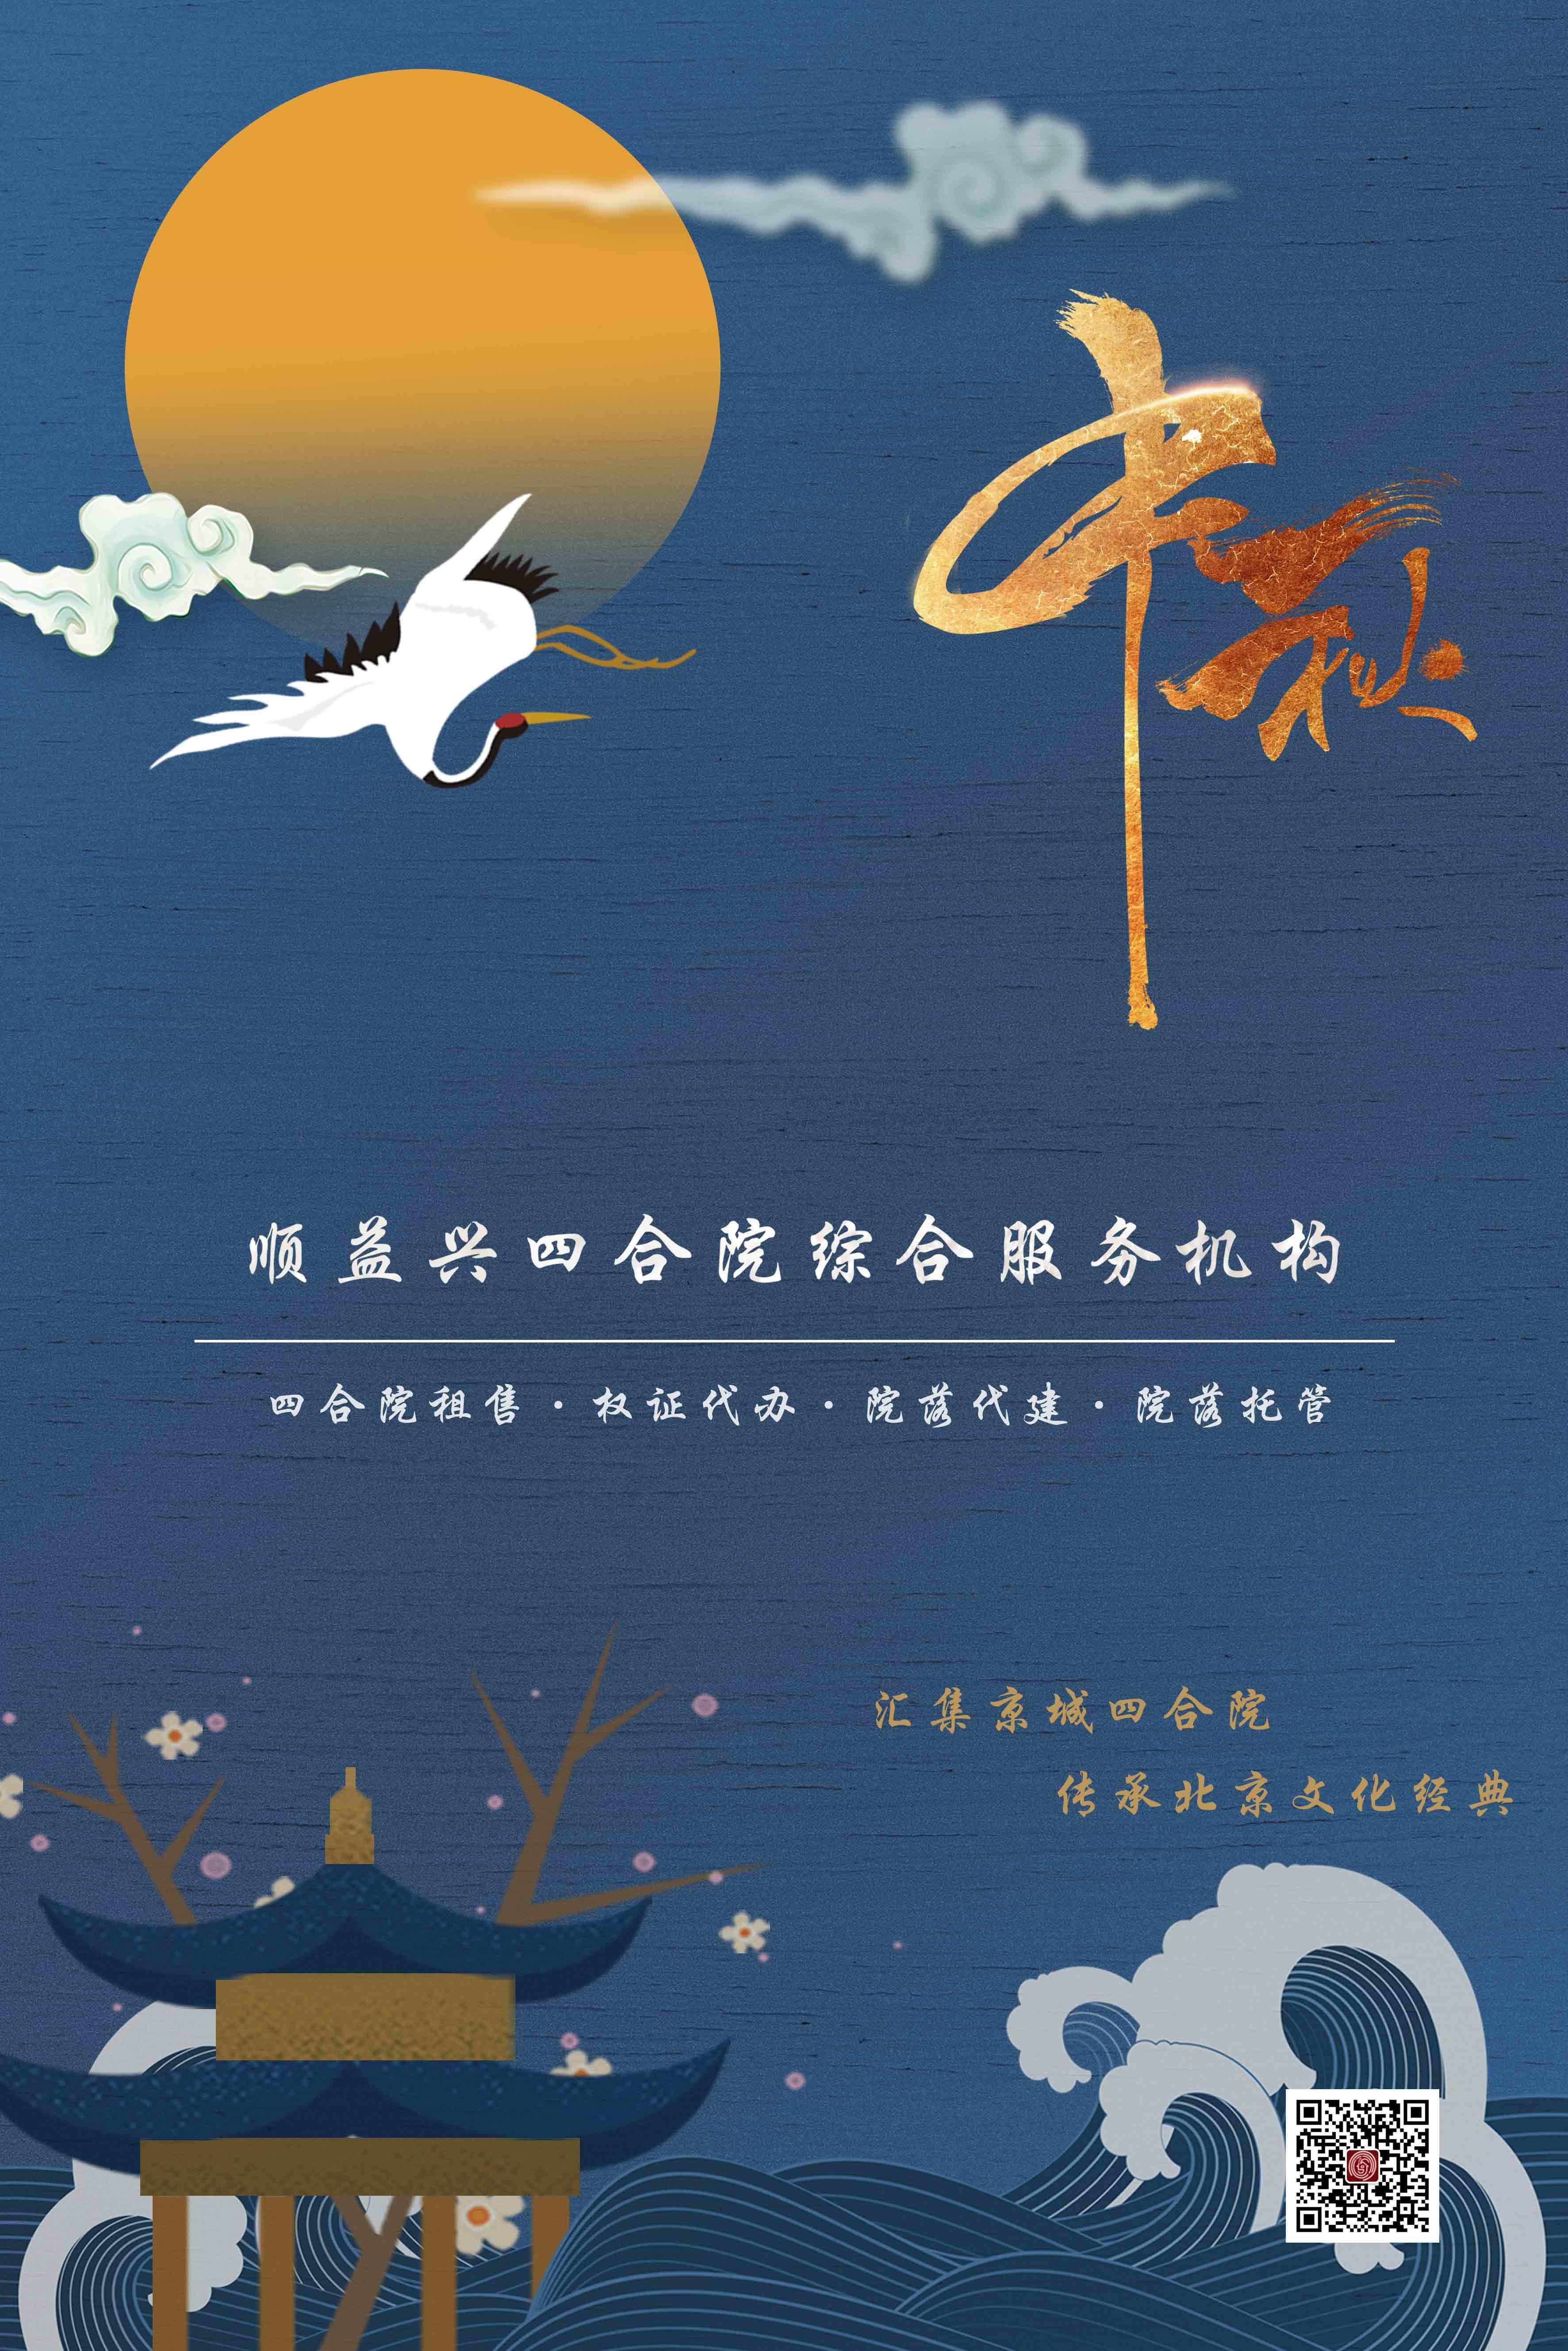 地地道道的老北京人过中秋的讲究,最后一条就尴尬了